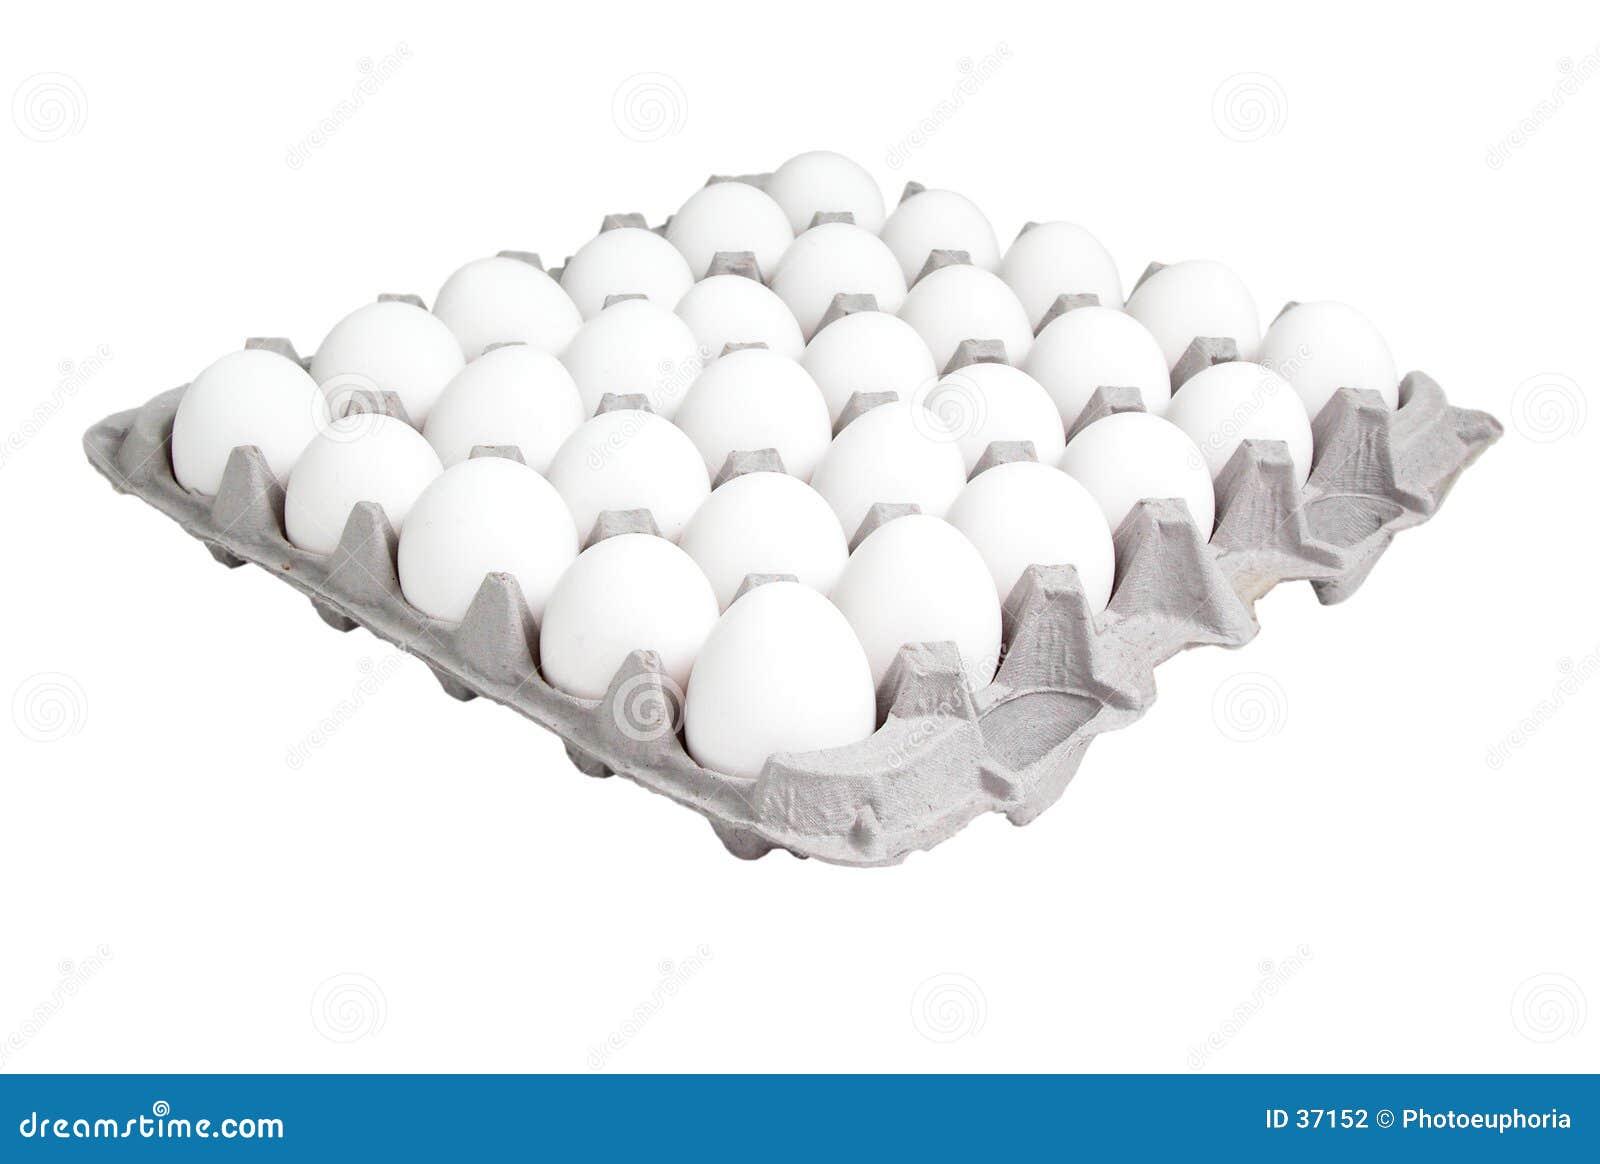 Voedsel: 24 het Karton van de telling van Eieren